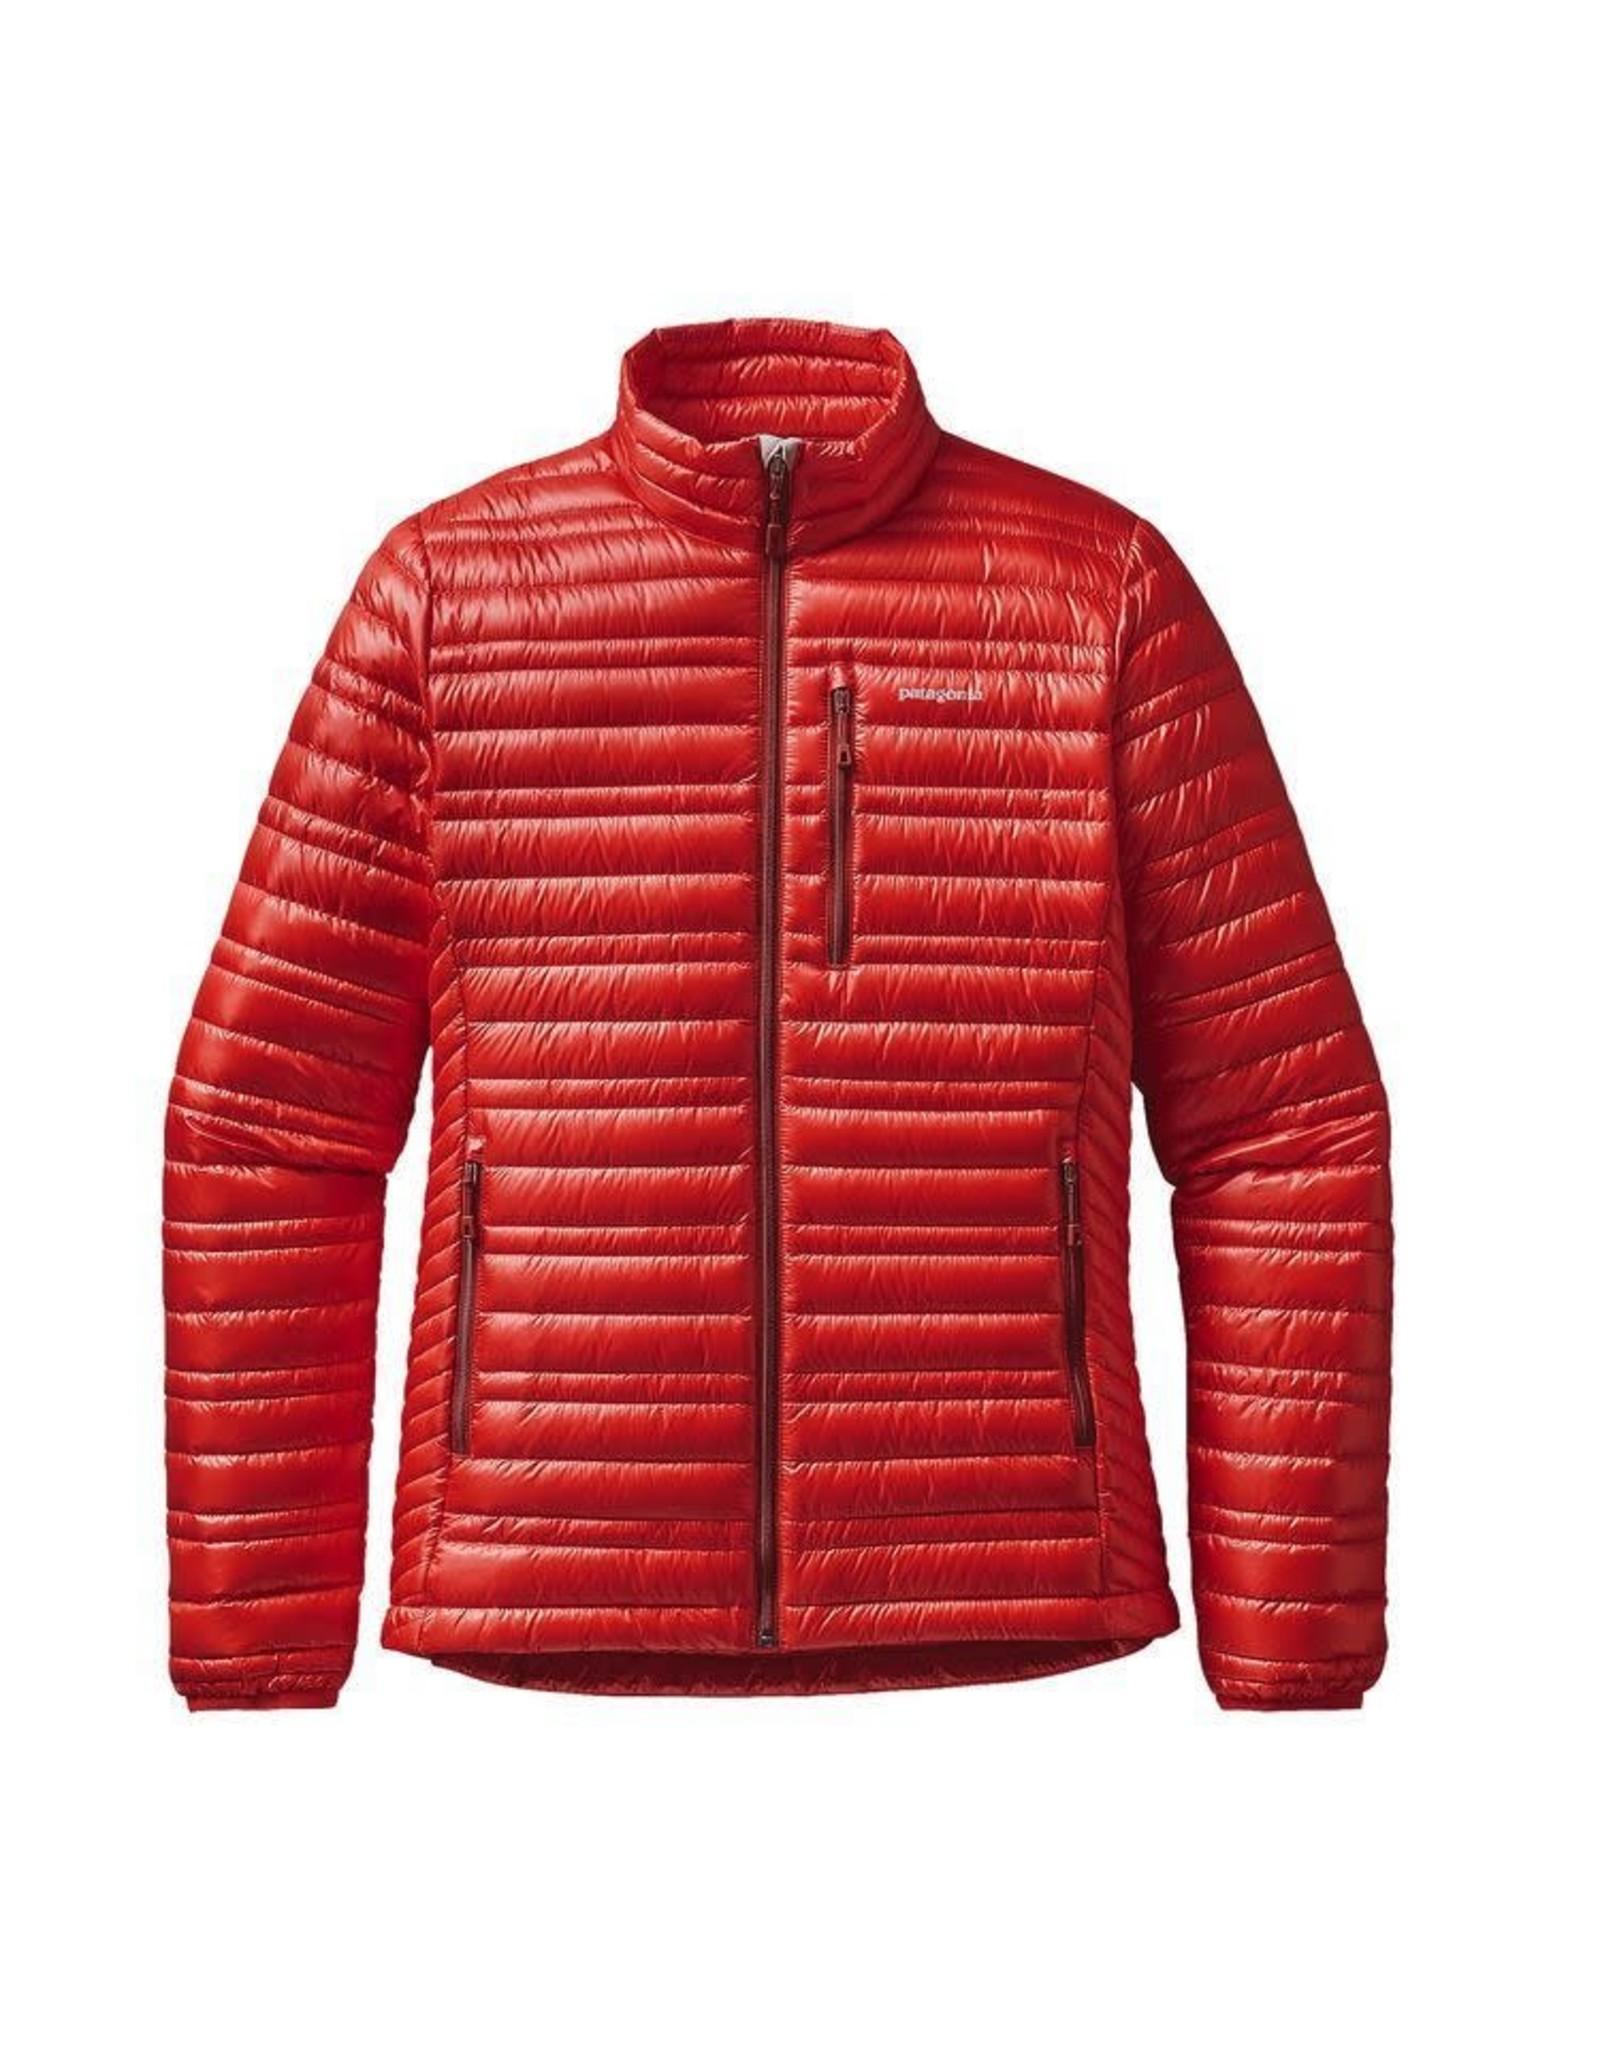 Patagonia Patagonia Women's Ultralight Down Jacket